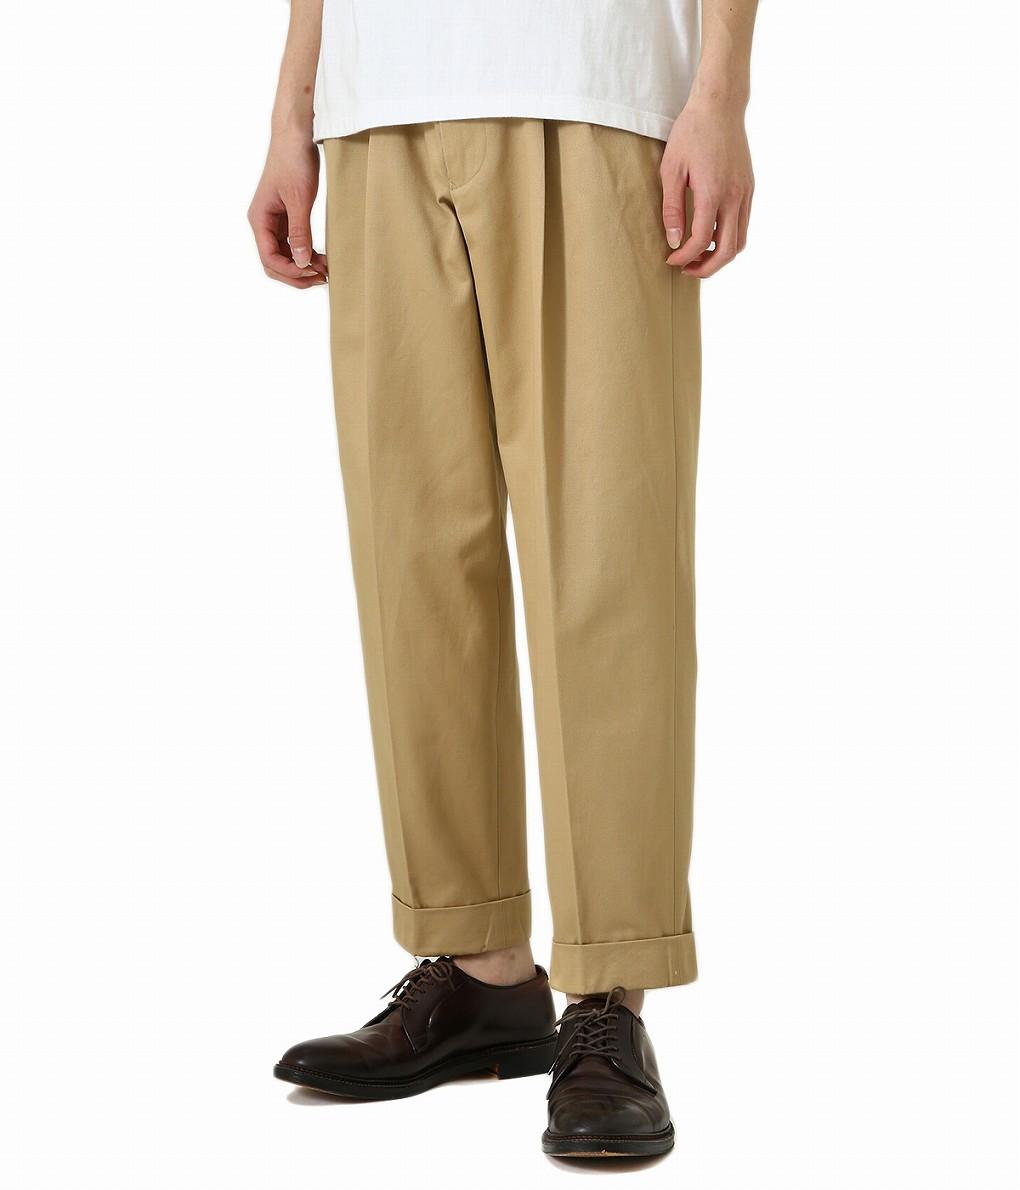 【楽ギフ_包装】 Scye/ サイ ベーシックス 財布 : San Joaquin 財布 Cotton Chino Scheme Pleated Trousers : サン ホアキン コットン チノ プレーテッド トラウザーズ メンズ : 5120-81516【MUS】:ARKnets, 草加市:504b04a5 --- nagari.or.id